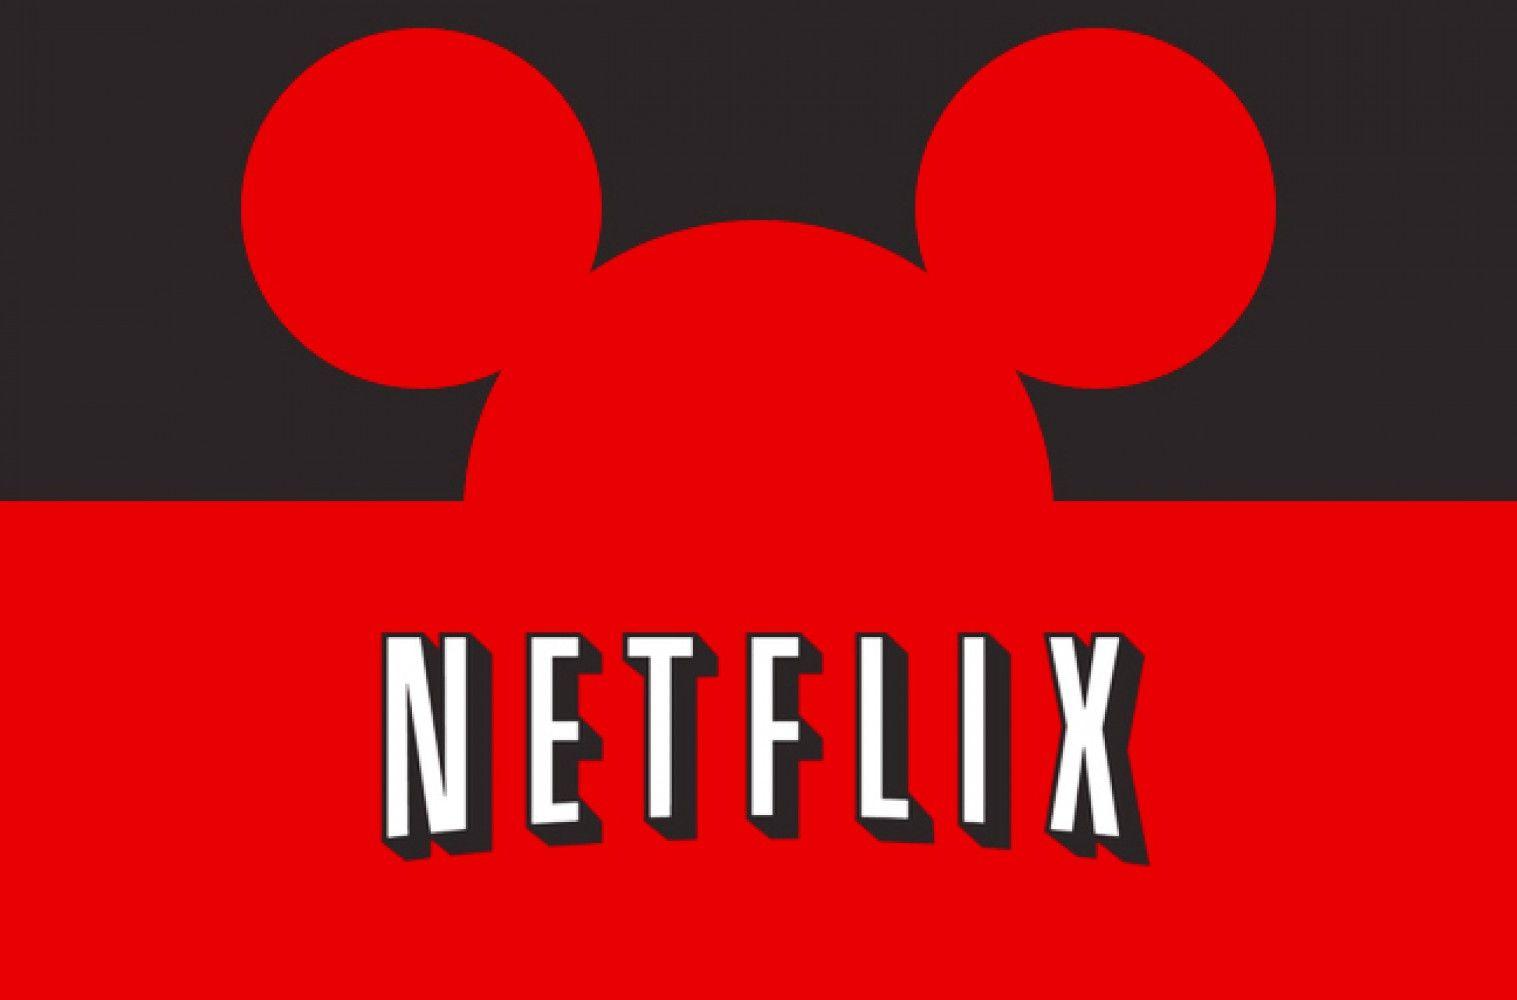 Disney rompe relaciones con Netflix y sacará las películas de su plataforma